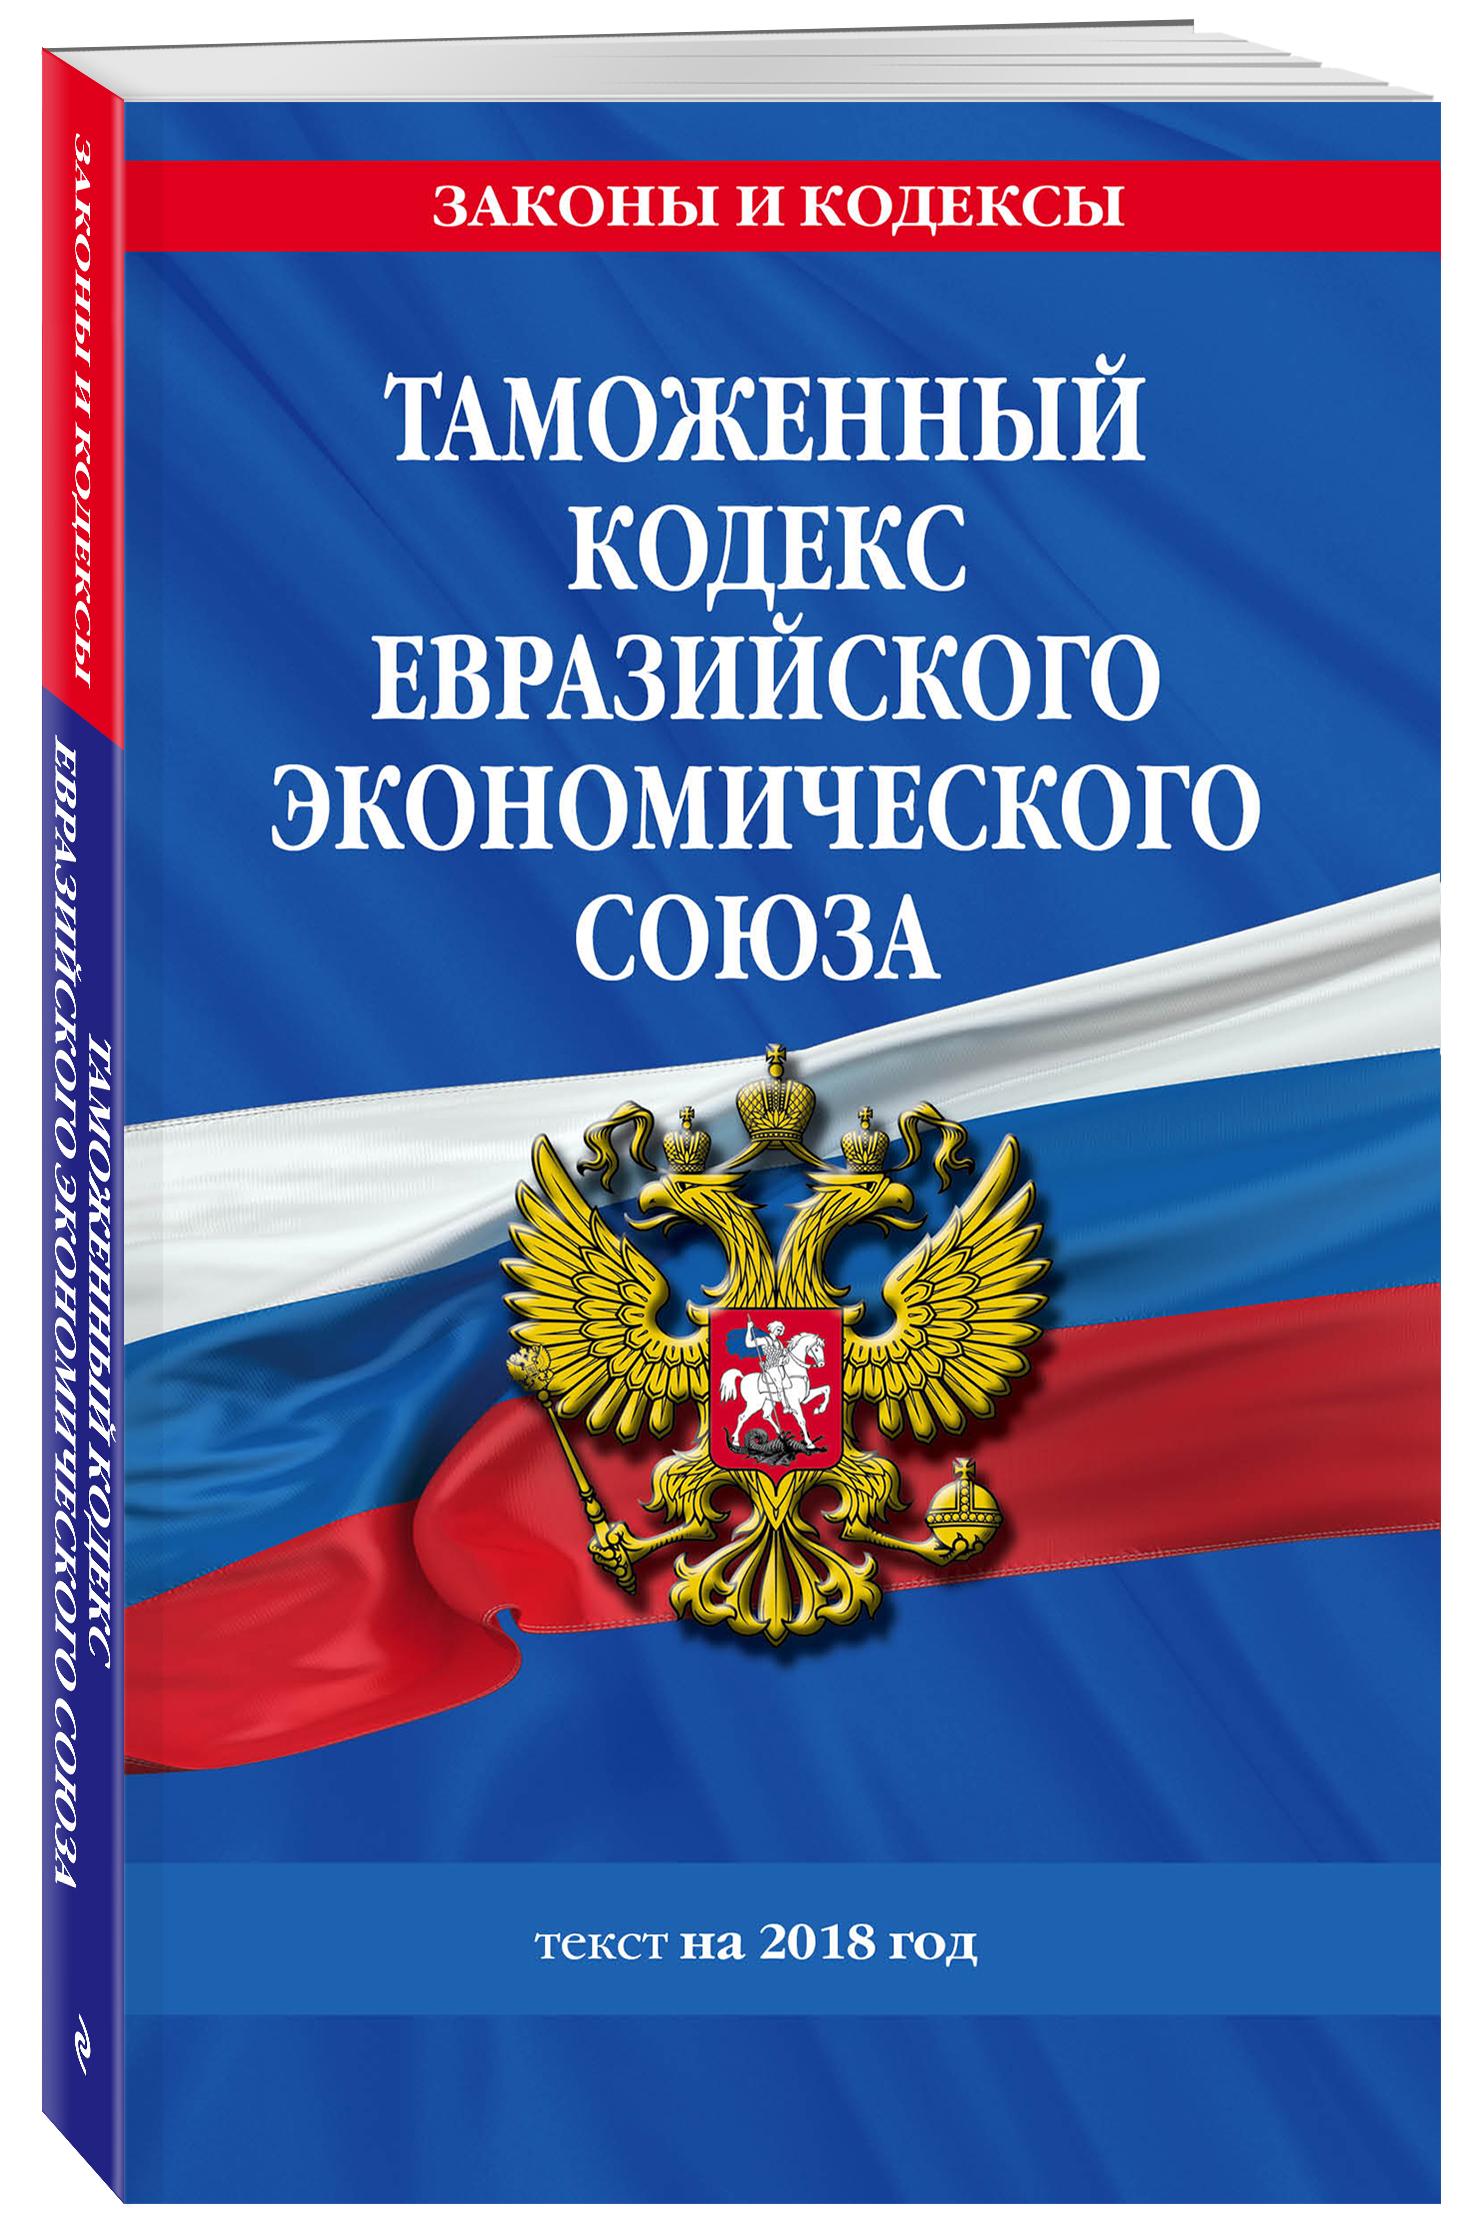 Таможенный кодекс Евразийского экономического союза: текст на 2019 год цена 2017